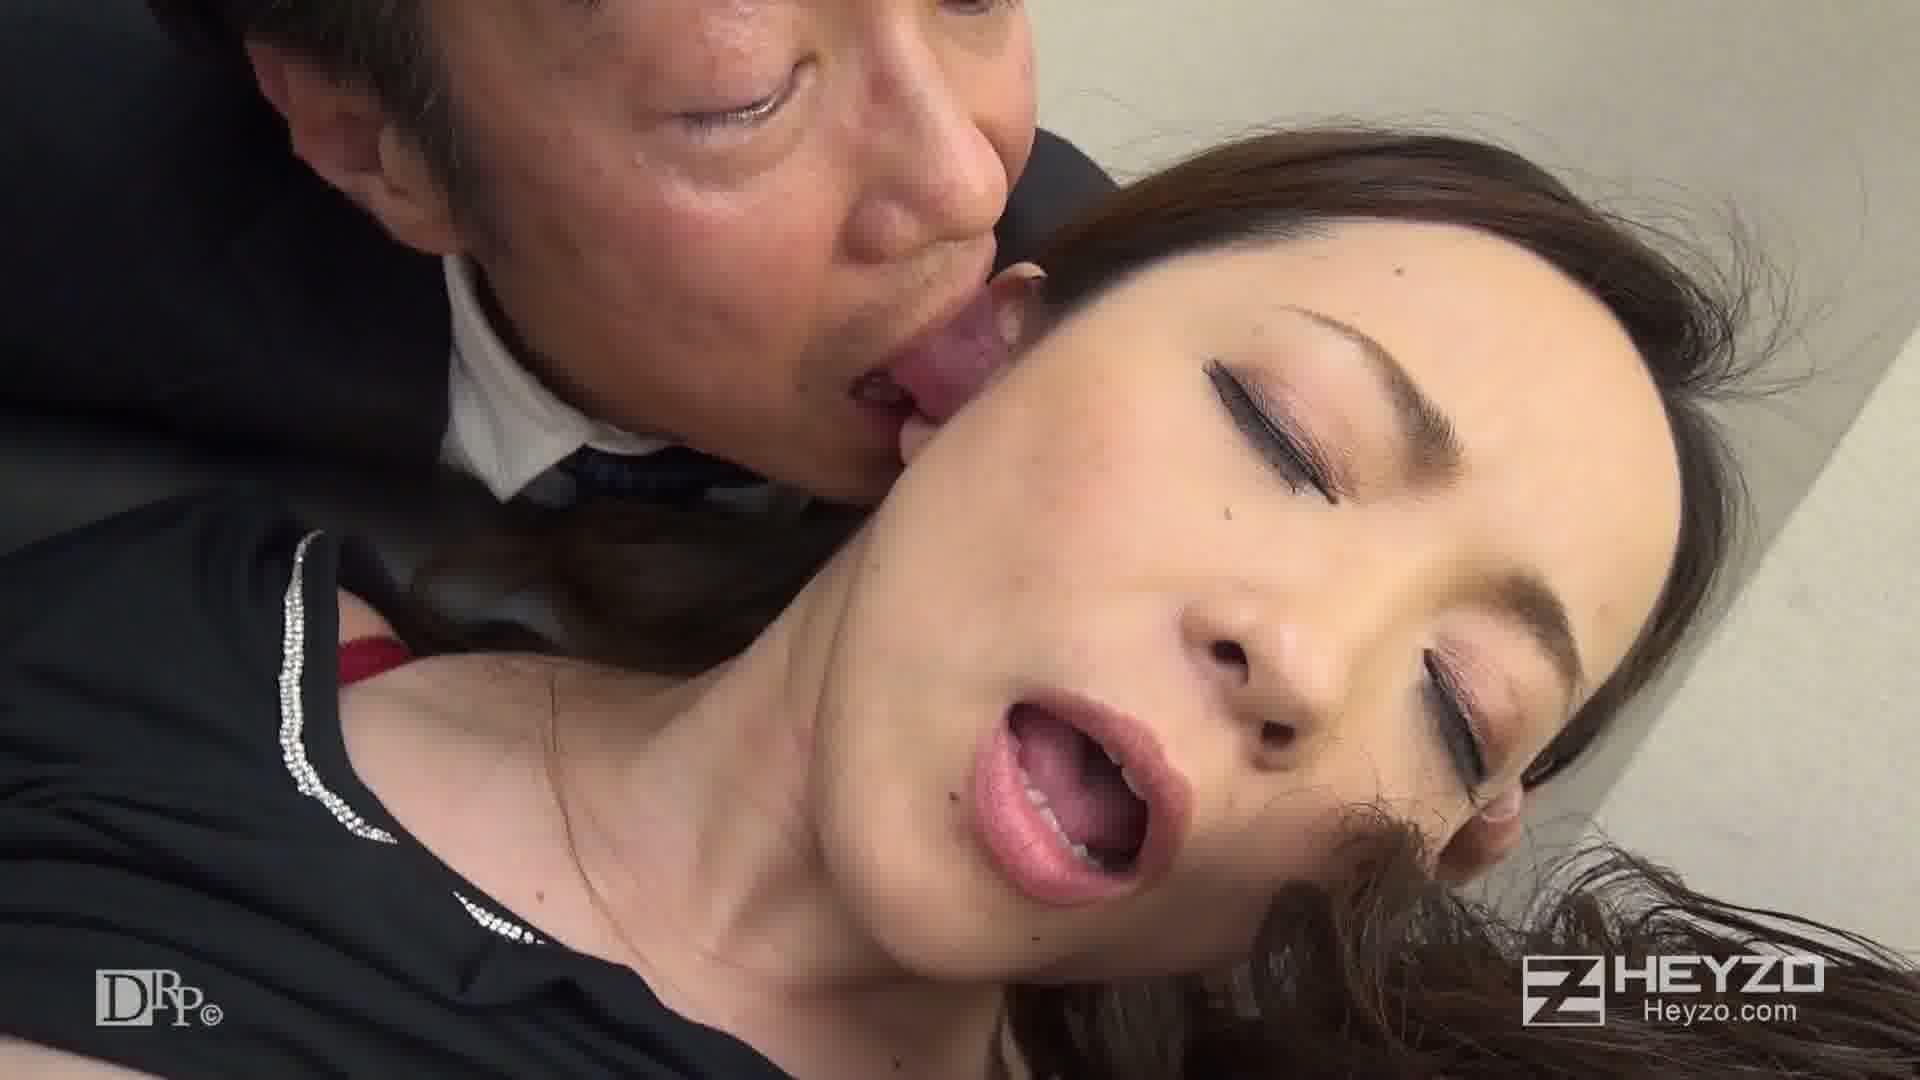 ヤリ手女社長はヤリたがり!~部下の下半身を奮い勃たします!~ - 南澤ゆりえ【パイズリ 4P オフィスの床】